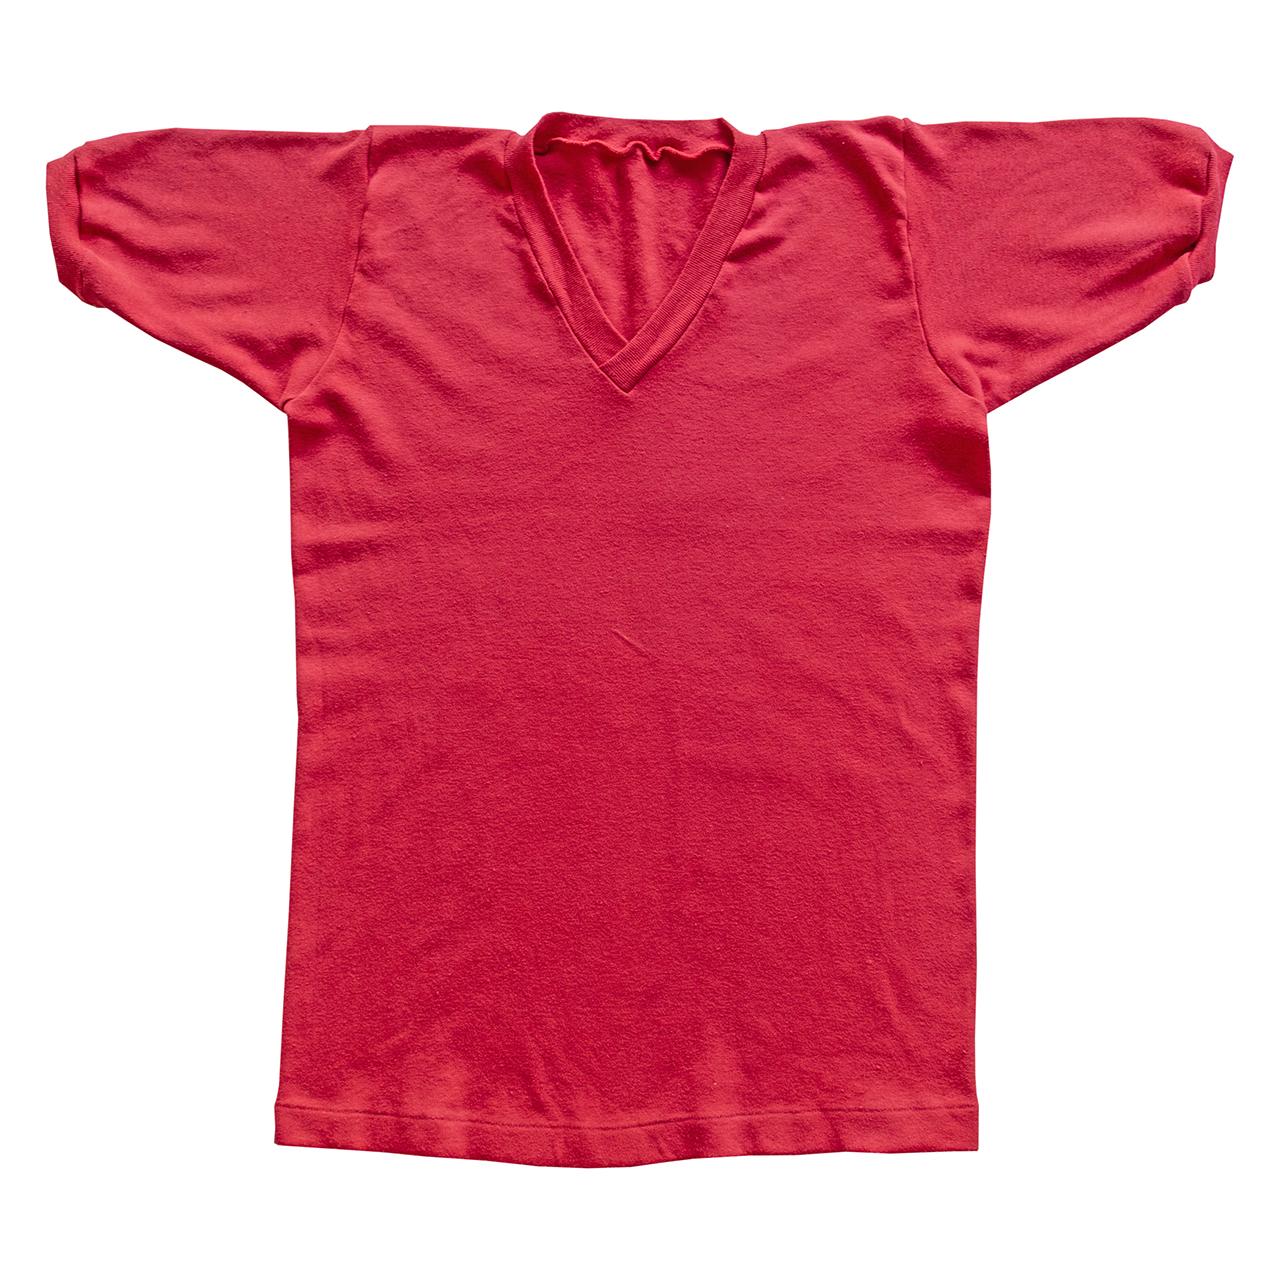 イギリス郵便局の制服Tシャツ